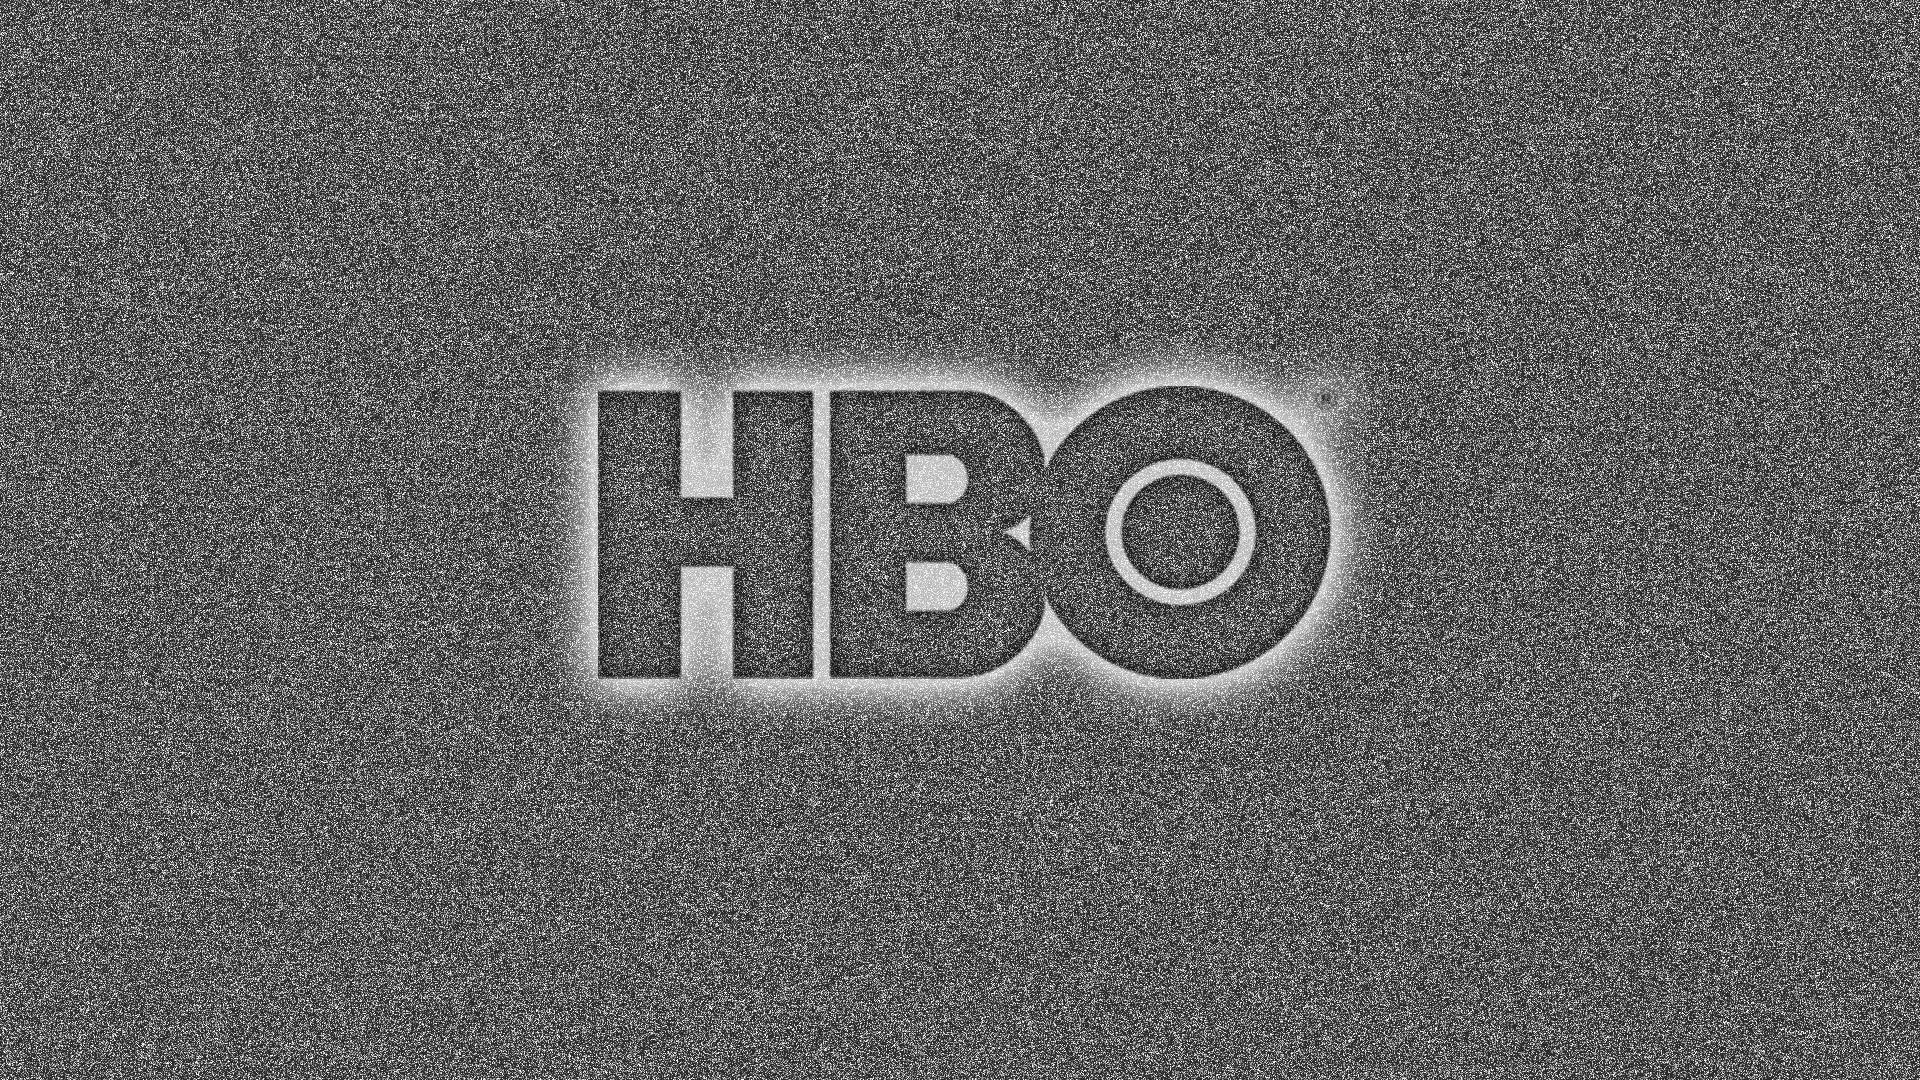 logo de HBO qui annonce de pas vouloir créer de sequel à Game Of Thrones et à ses personnages